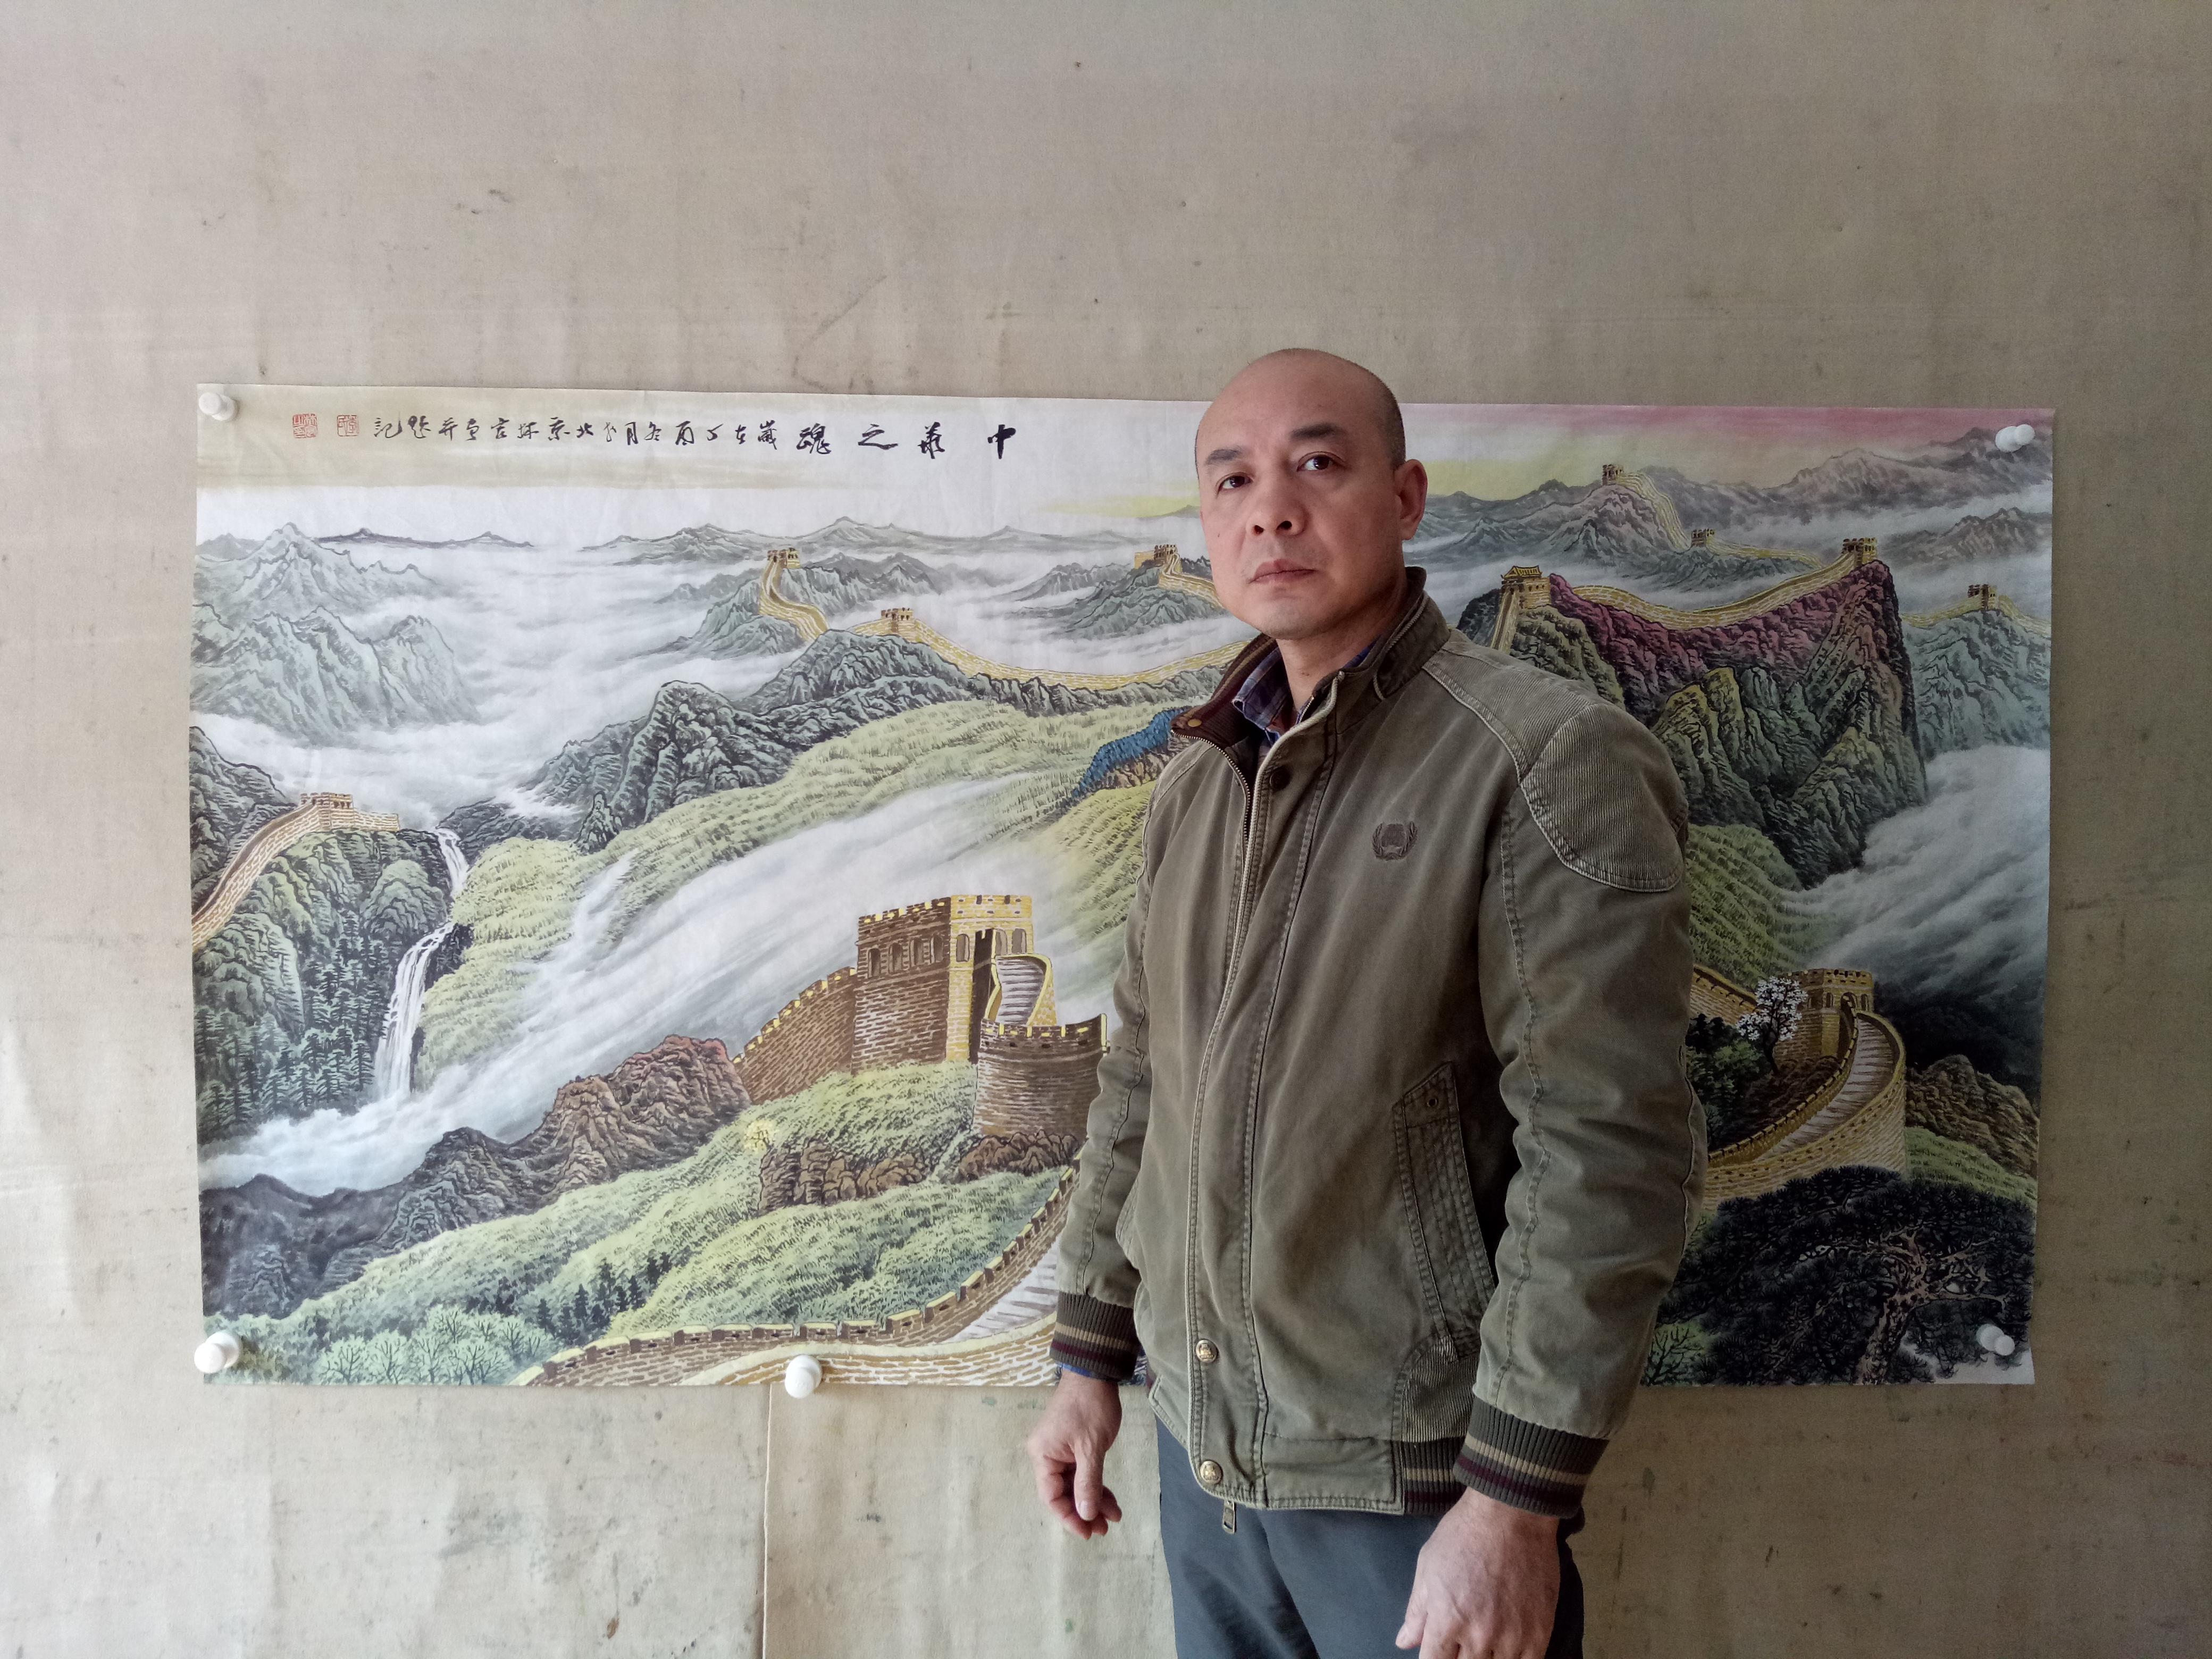 家里挂长城画合适吗?当代名家李林宏国画长城图欣赏